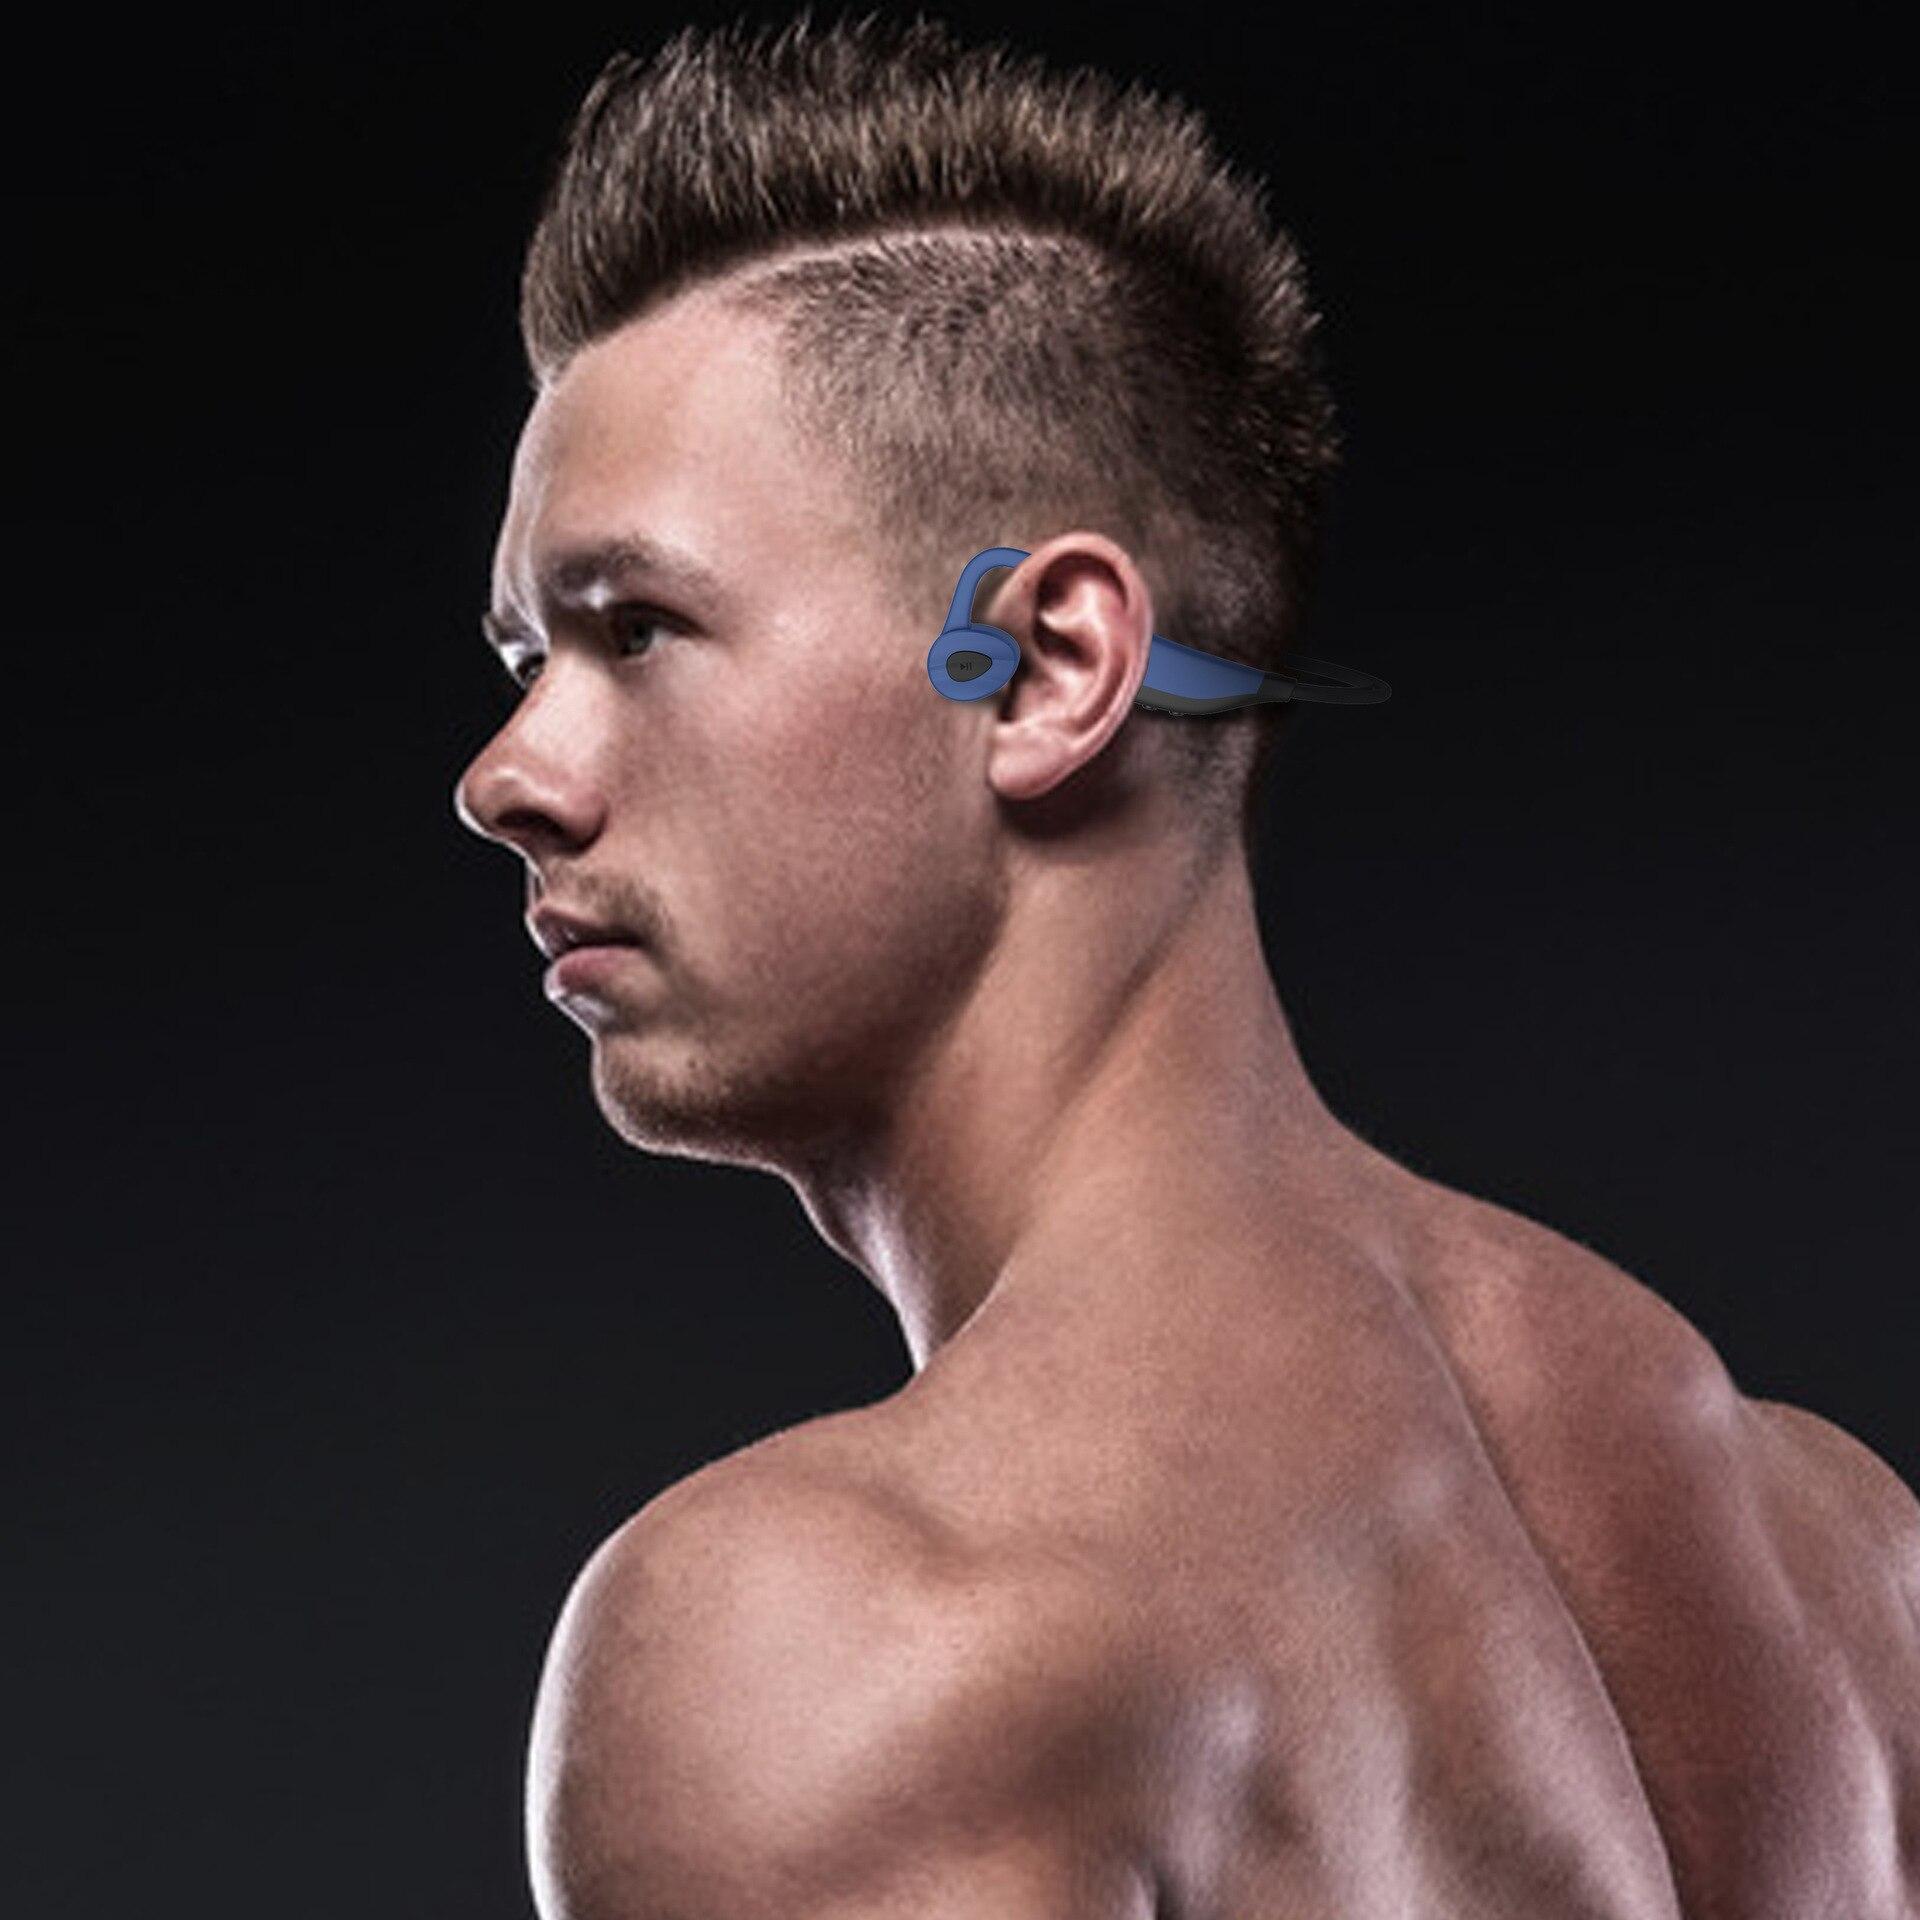 Nouveau IP68 étanche MP3 os Bluetooth 5.0 Conduction casque 16G HIFI lecteur MP3 sports de plein air écouteurs USB MP3 lecteurs de musique